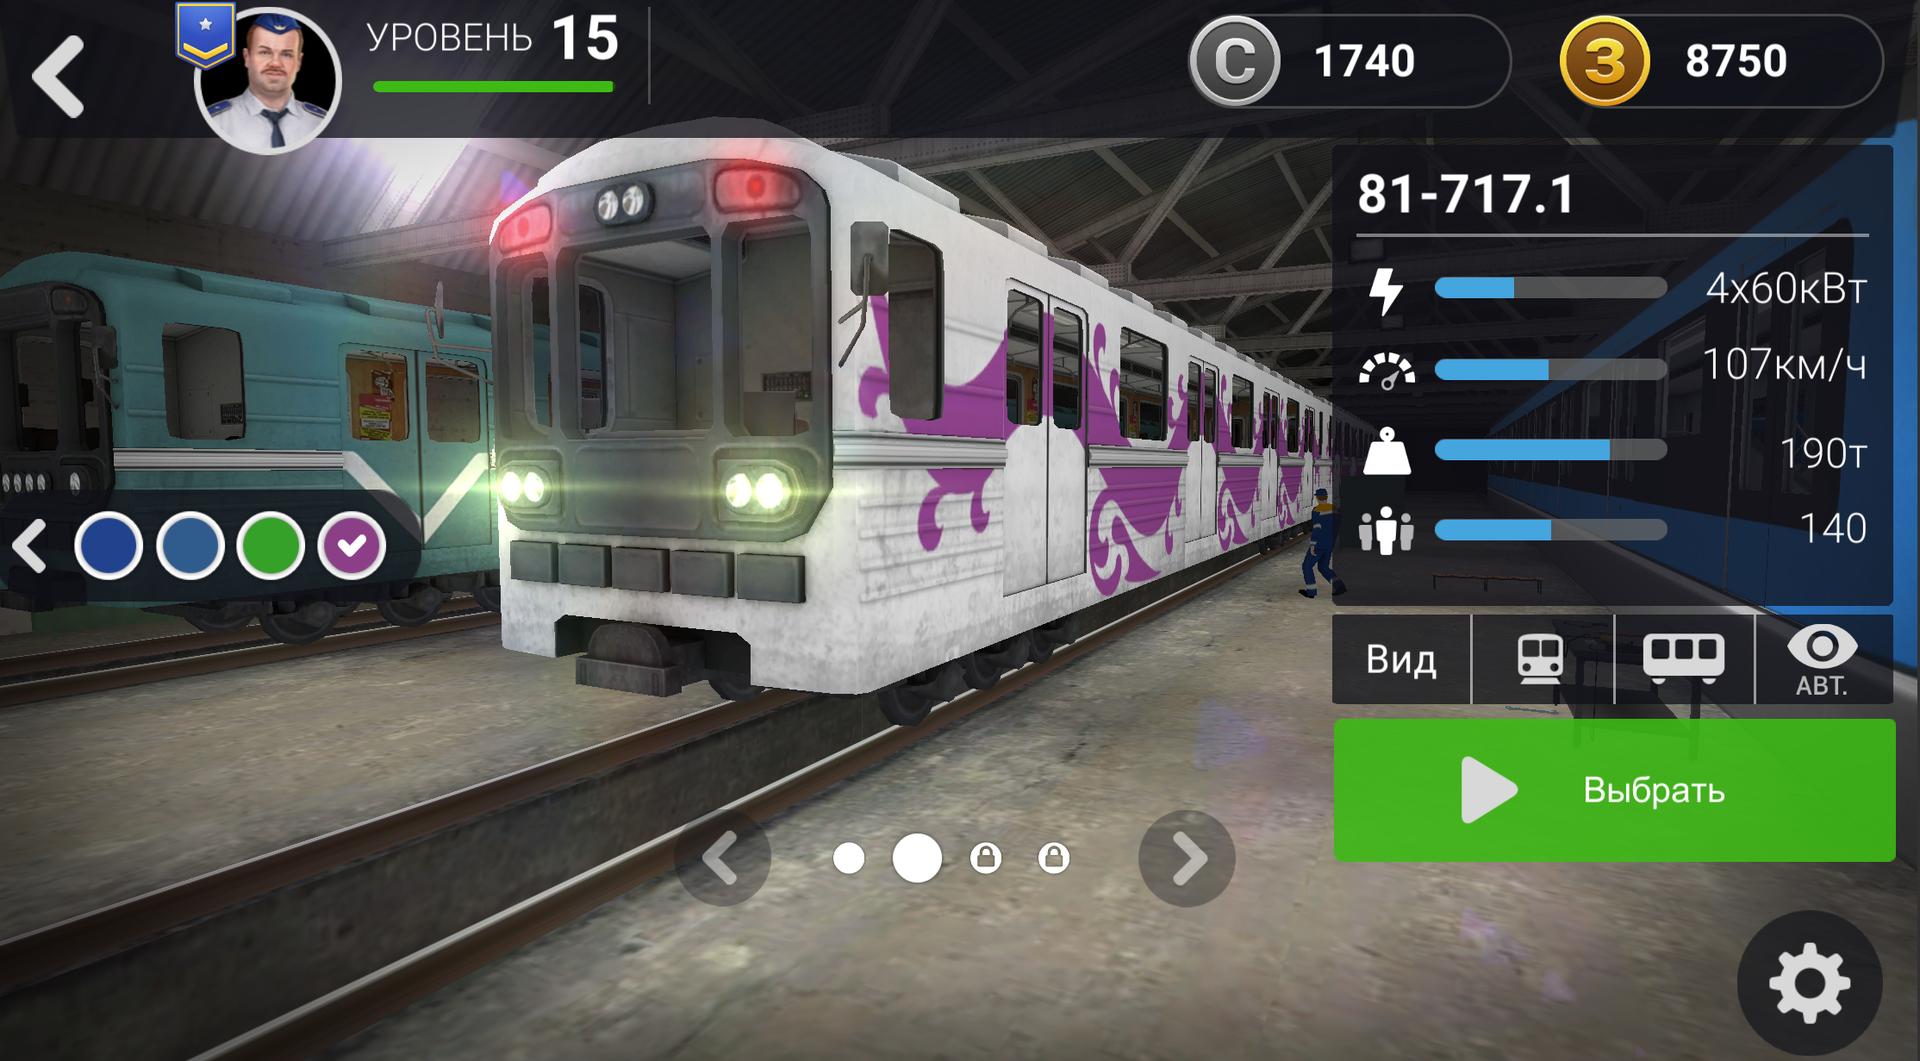 Оптимизация механики и графики в игре жанра «симулятор» на iOS - 9